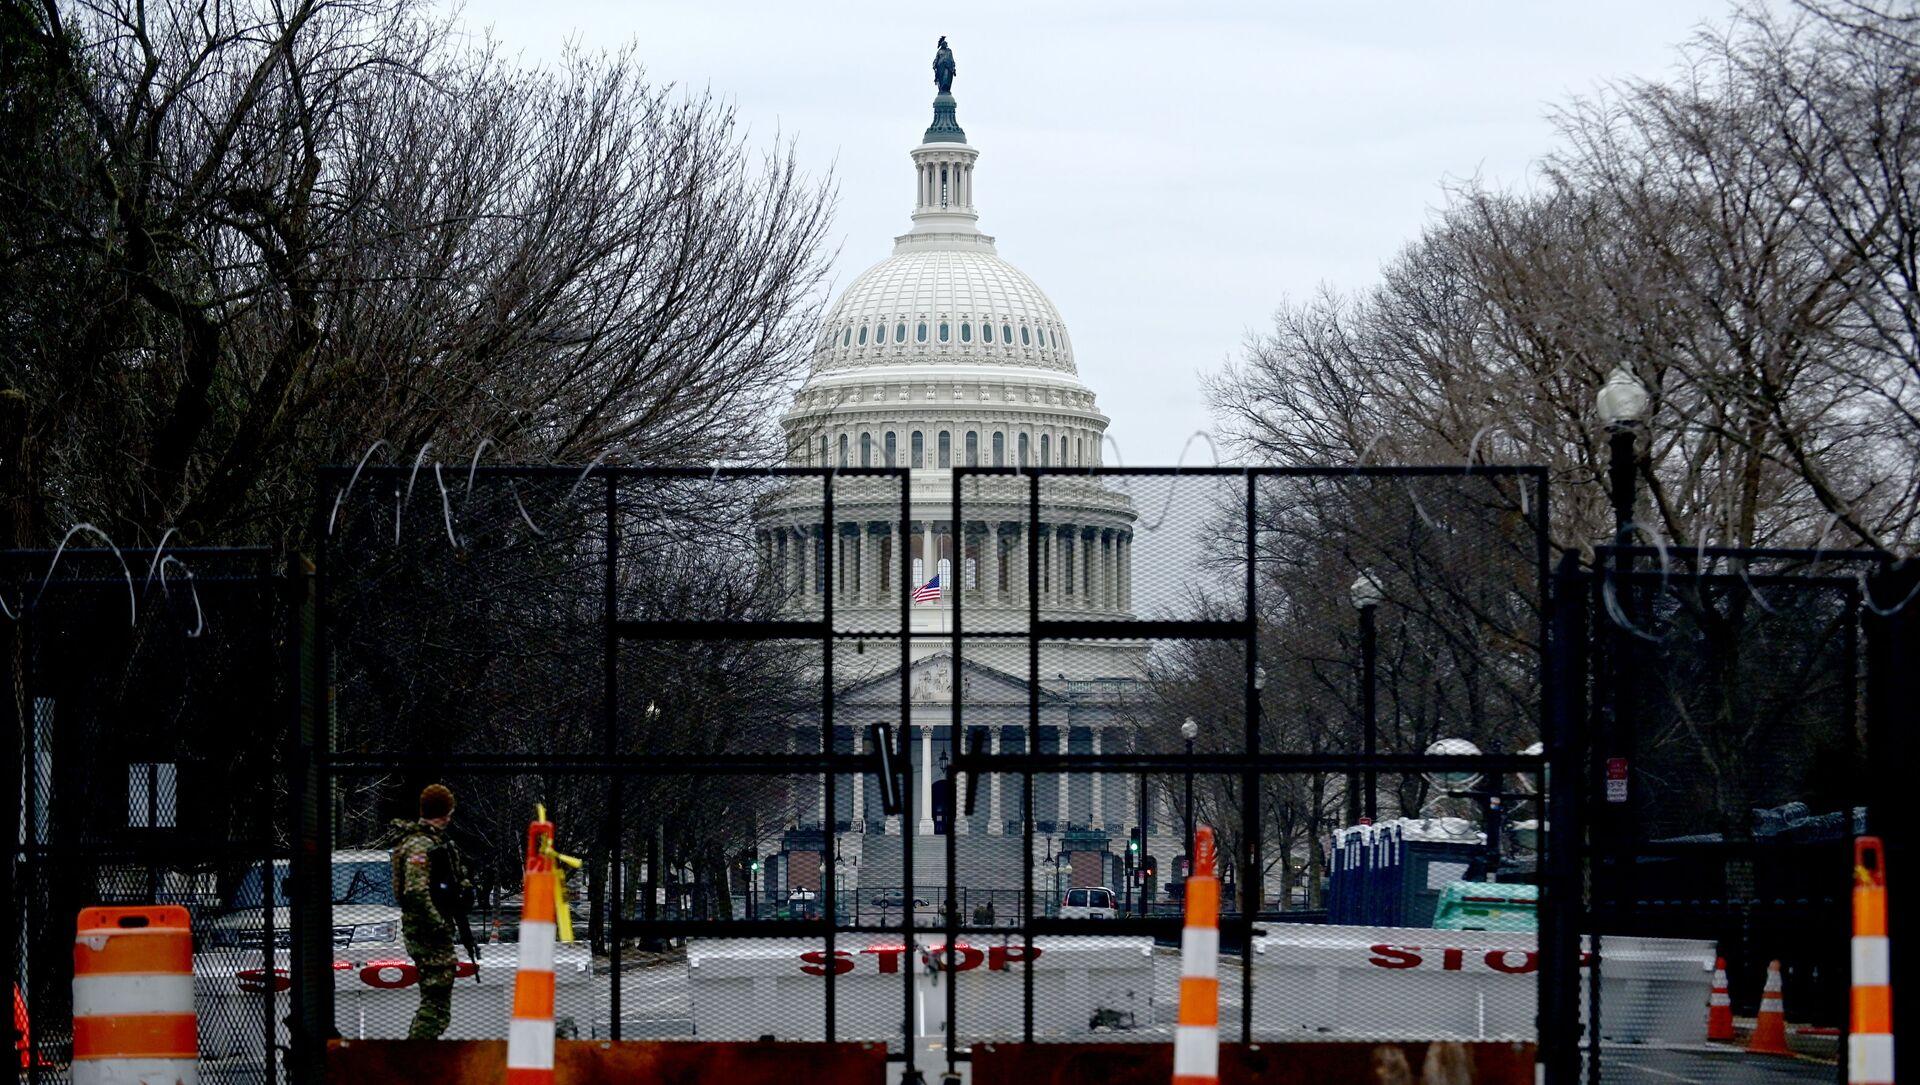 Le Capitole lors du procès en destitution de Donald Trump - Sputnik France, 1920, 13.02.2021